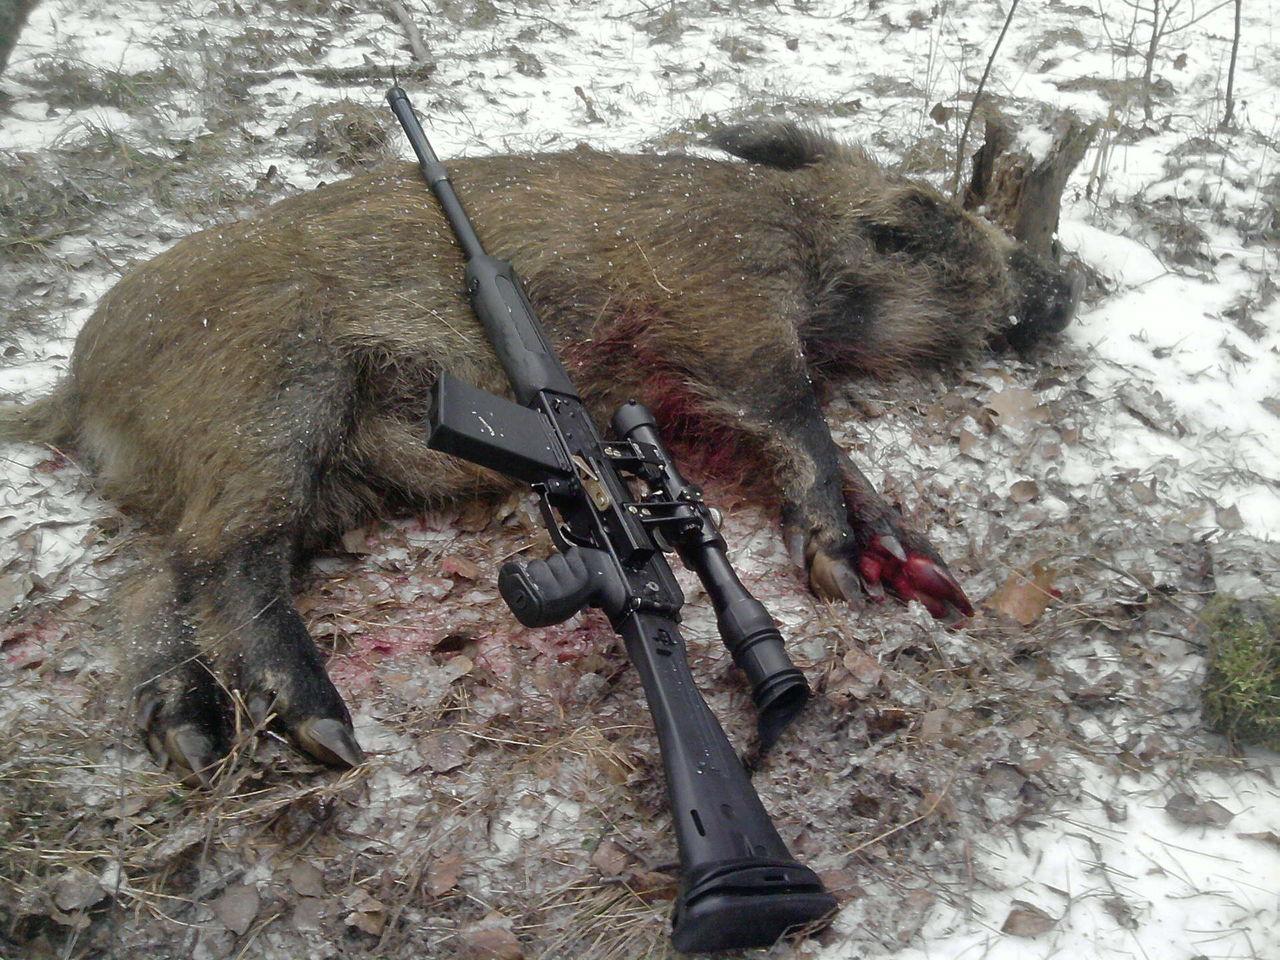 какие пули использовать 223 при охоте на лося Зденка Подкапова